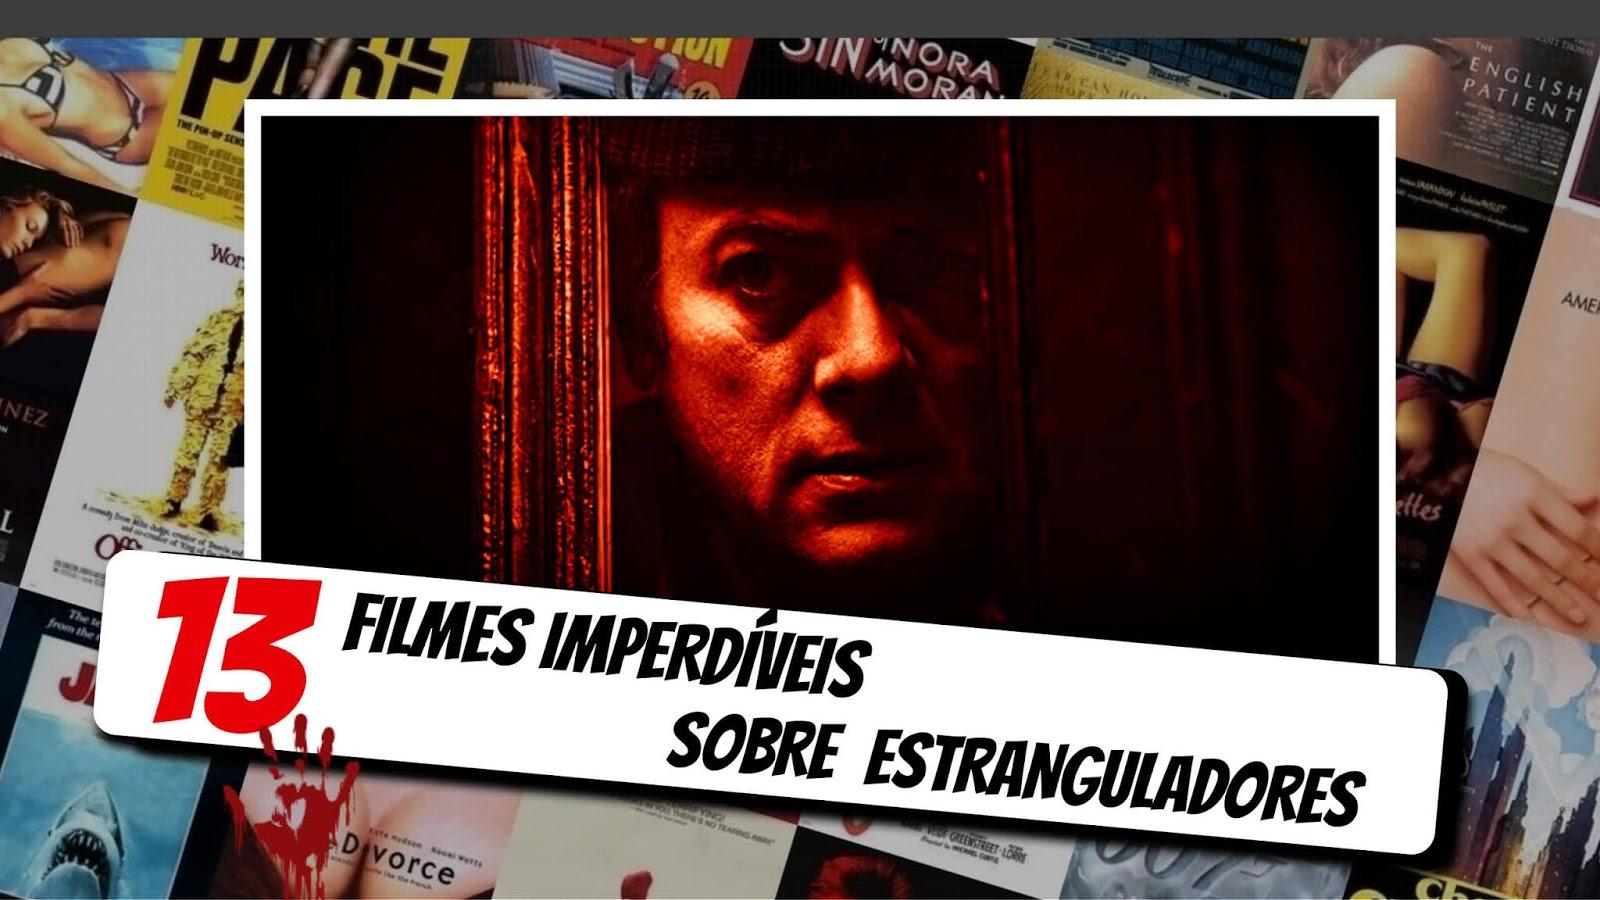 13-filmes-sobre-estranguladores